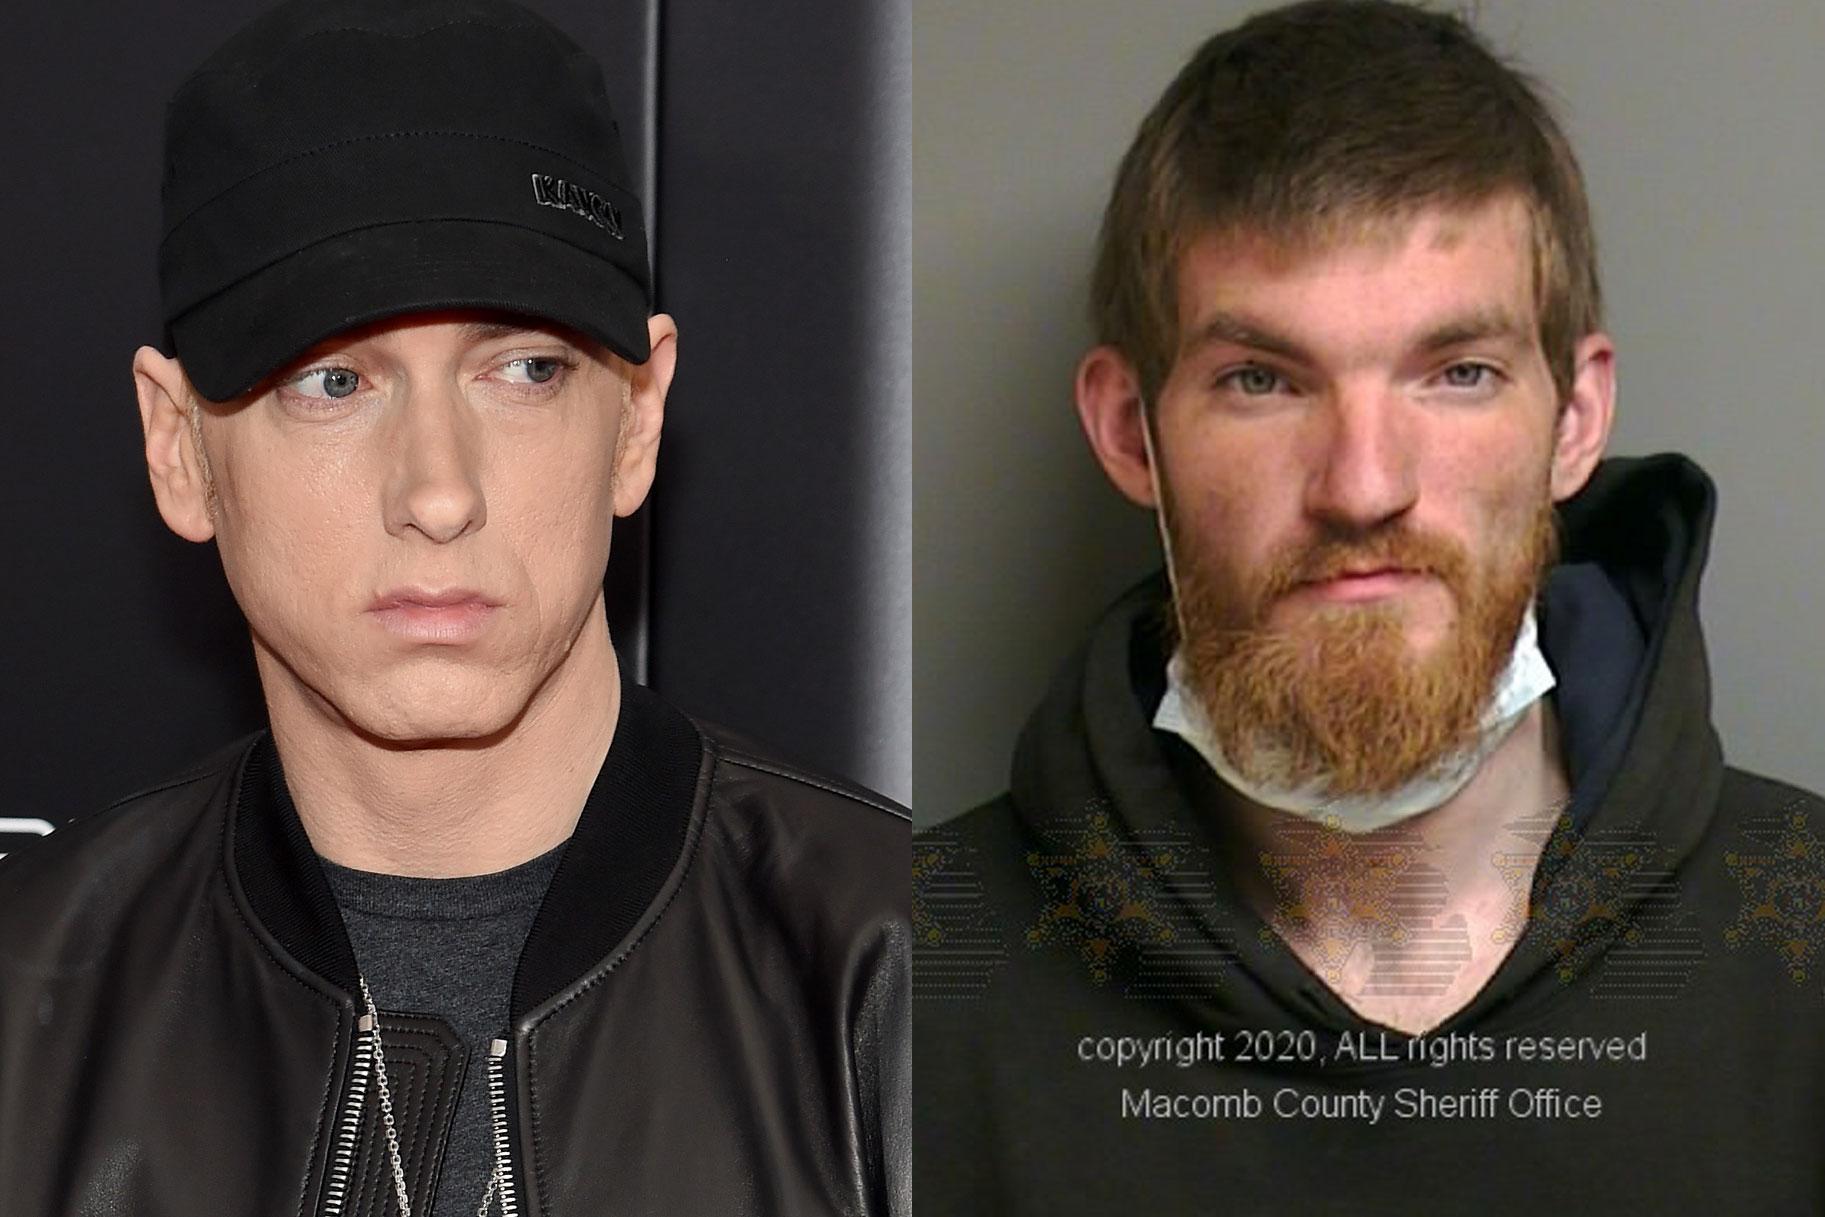 Kodu sissetungija, kes murdis Eminemi majja, ütles, et on seal teda tapmas, väidab politsei